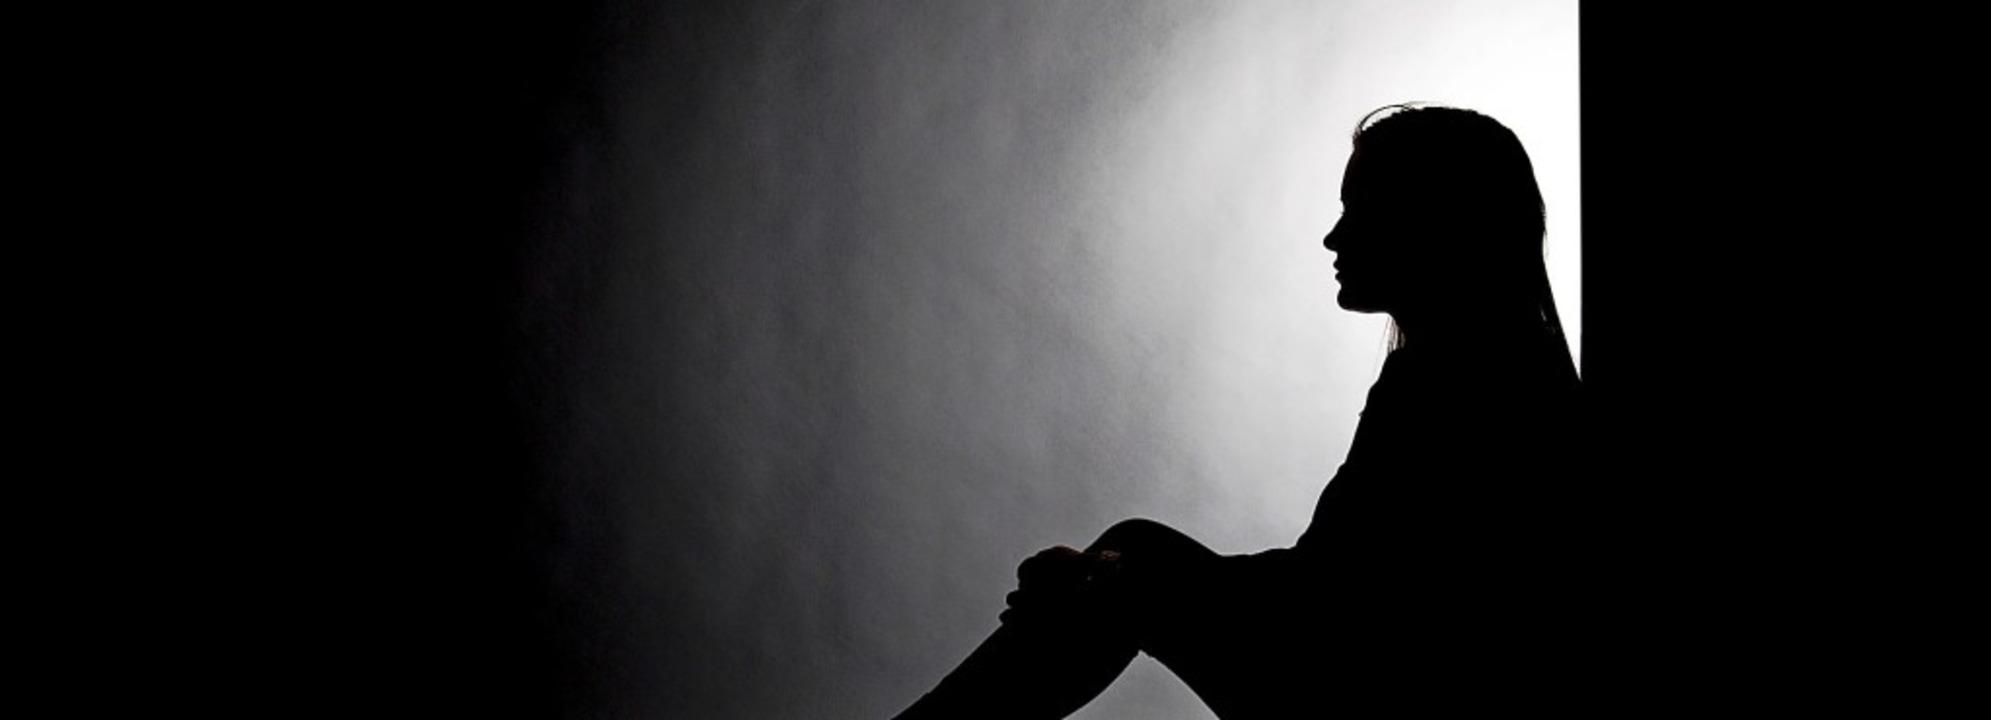 Nur im Dunkeln kann sich Milena aufhalten.  | Foto: akf - stock.adobe.com